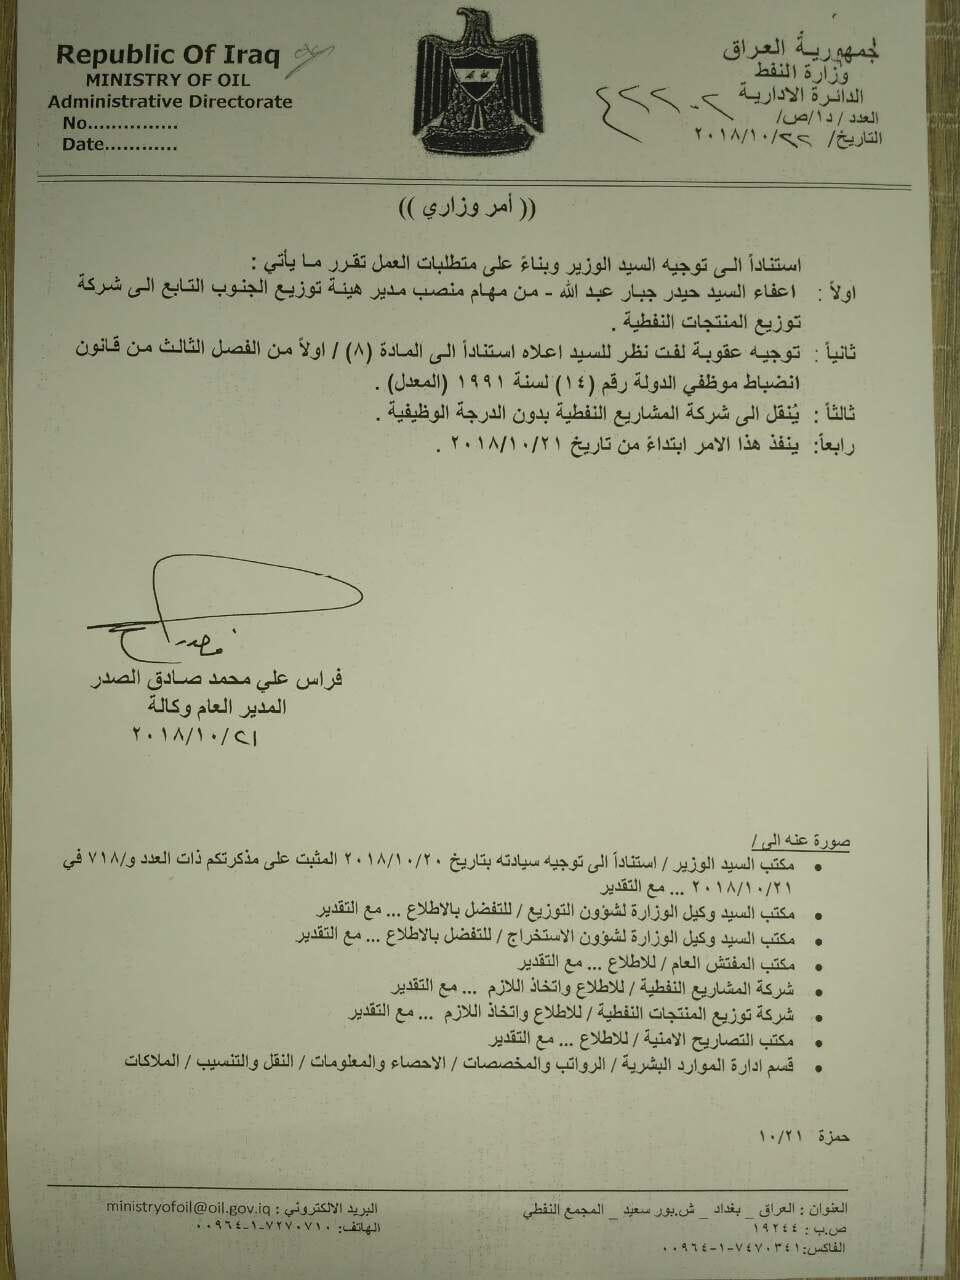 بالوثيقة  إعفاء مسؤول كبير في وزارة النفط